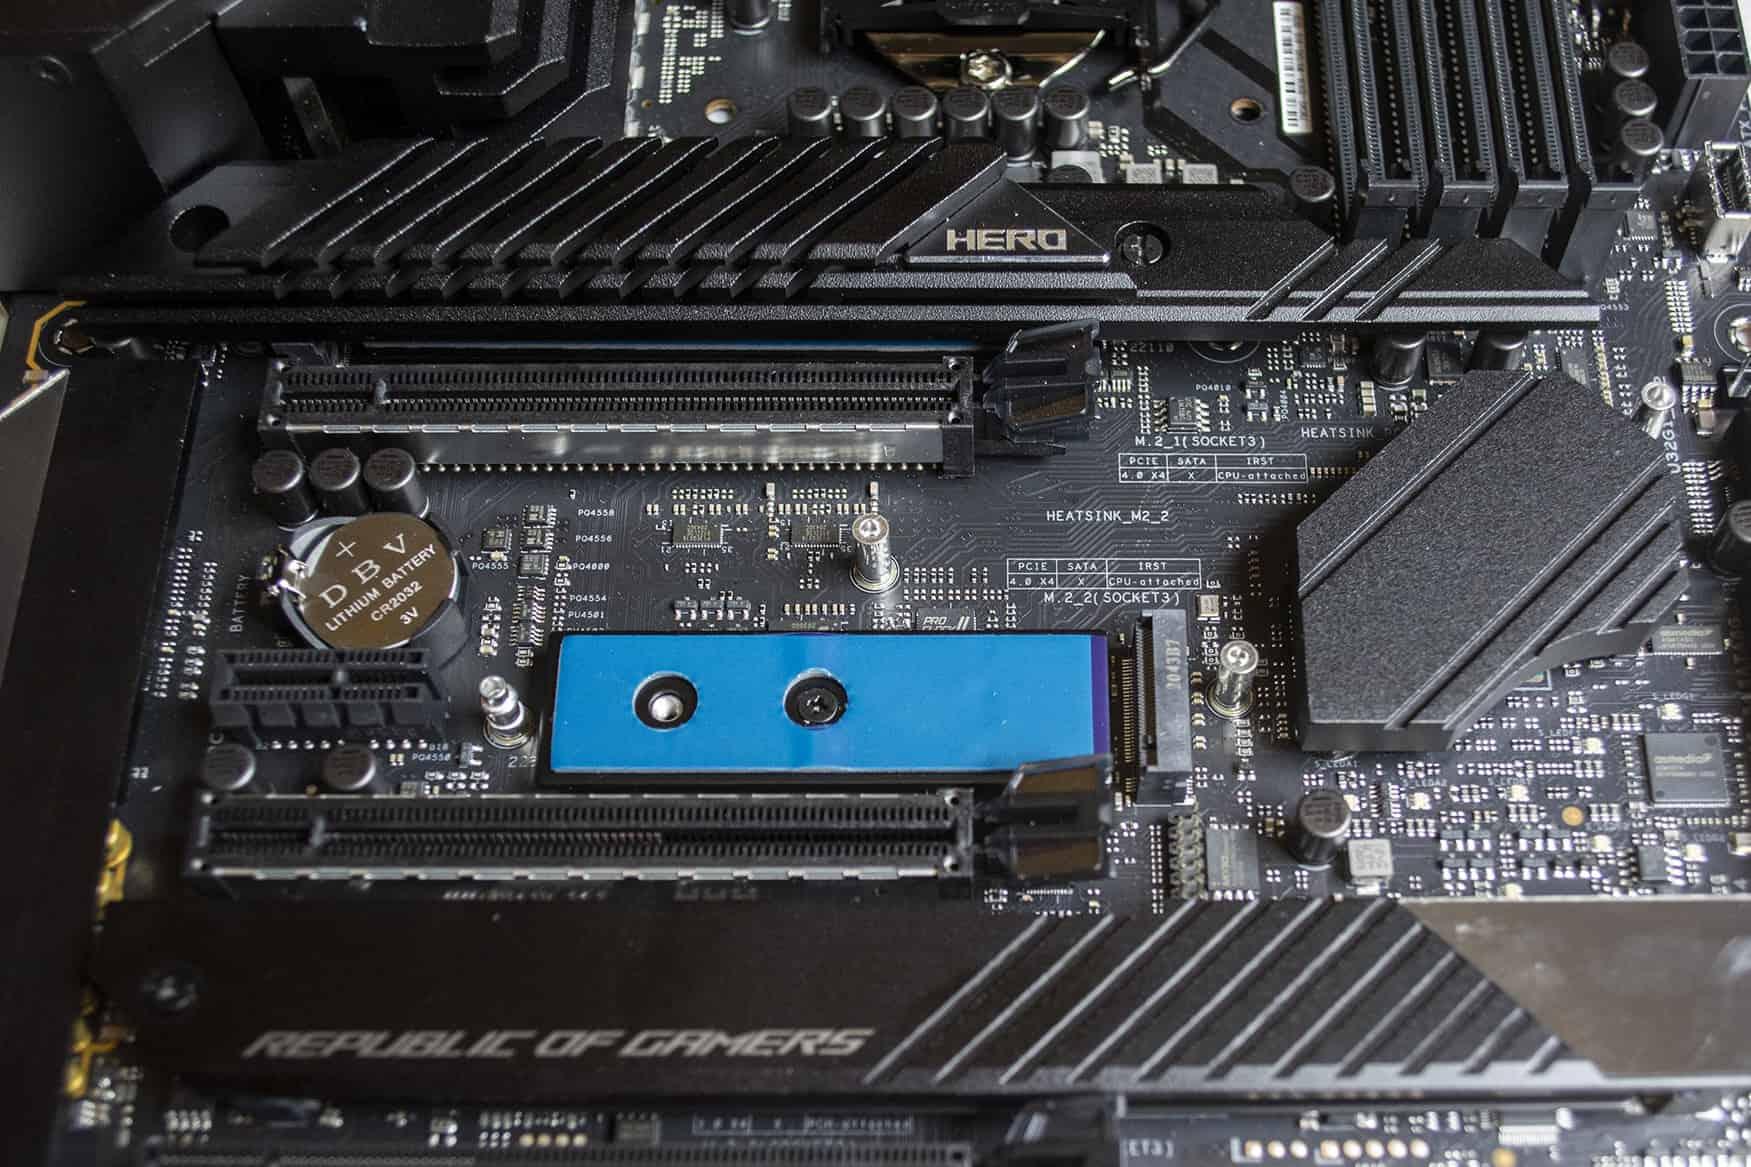 막시무스 XIII 히어로의 첫 번째 M.2 슬롯이 CPU와 직결된다